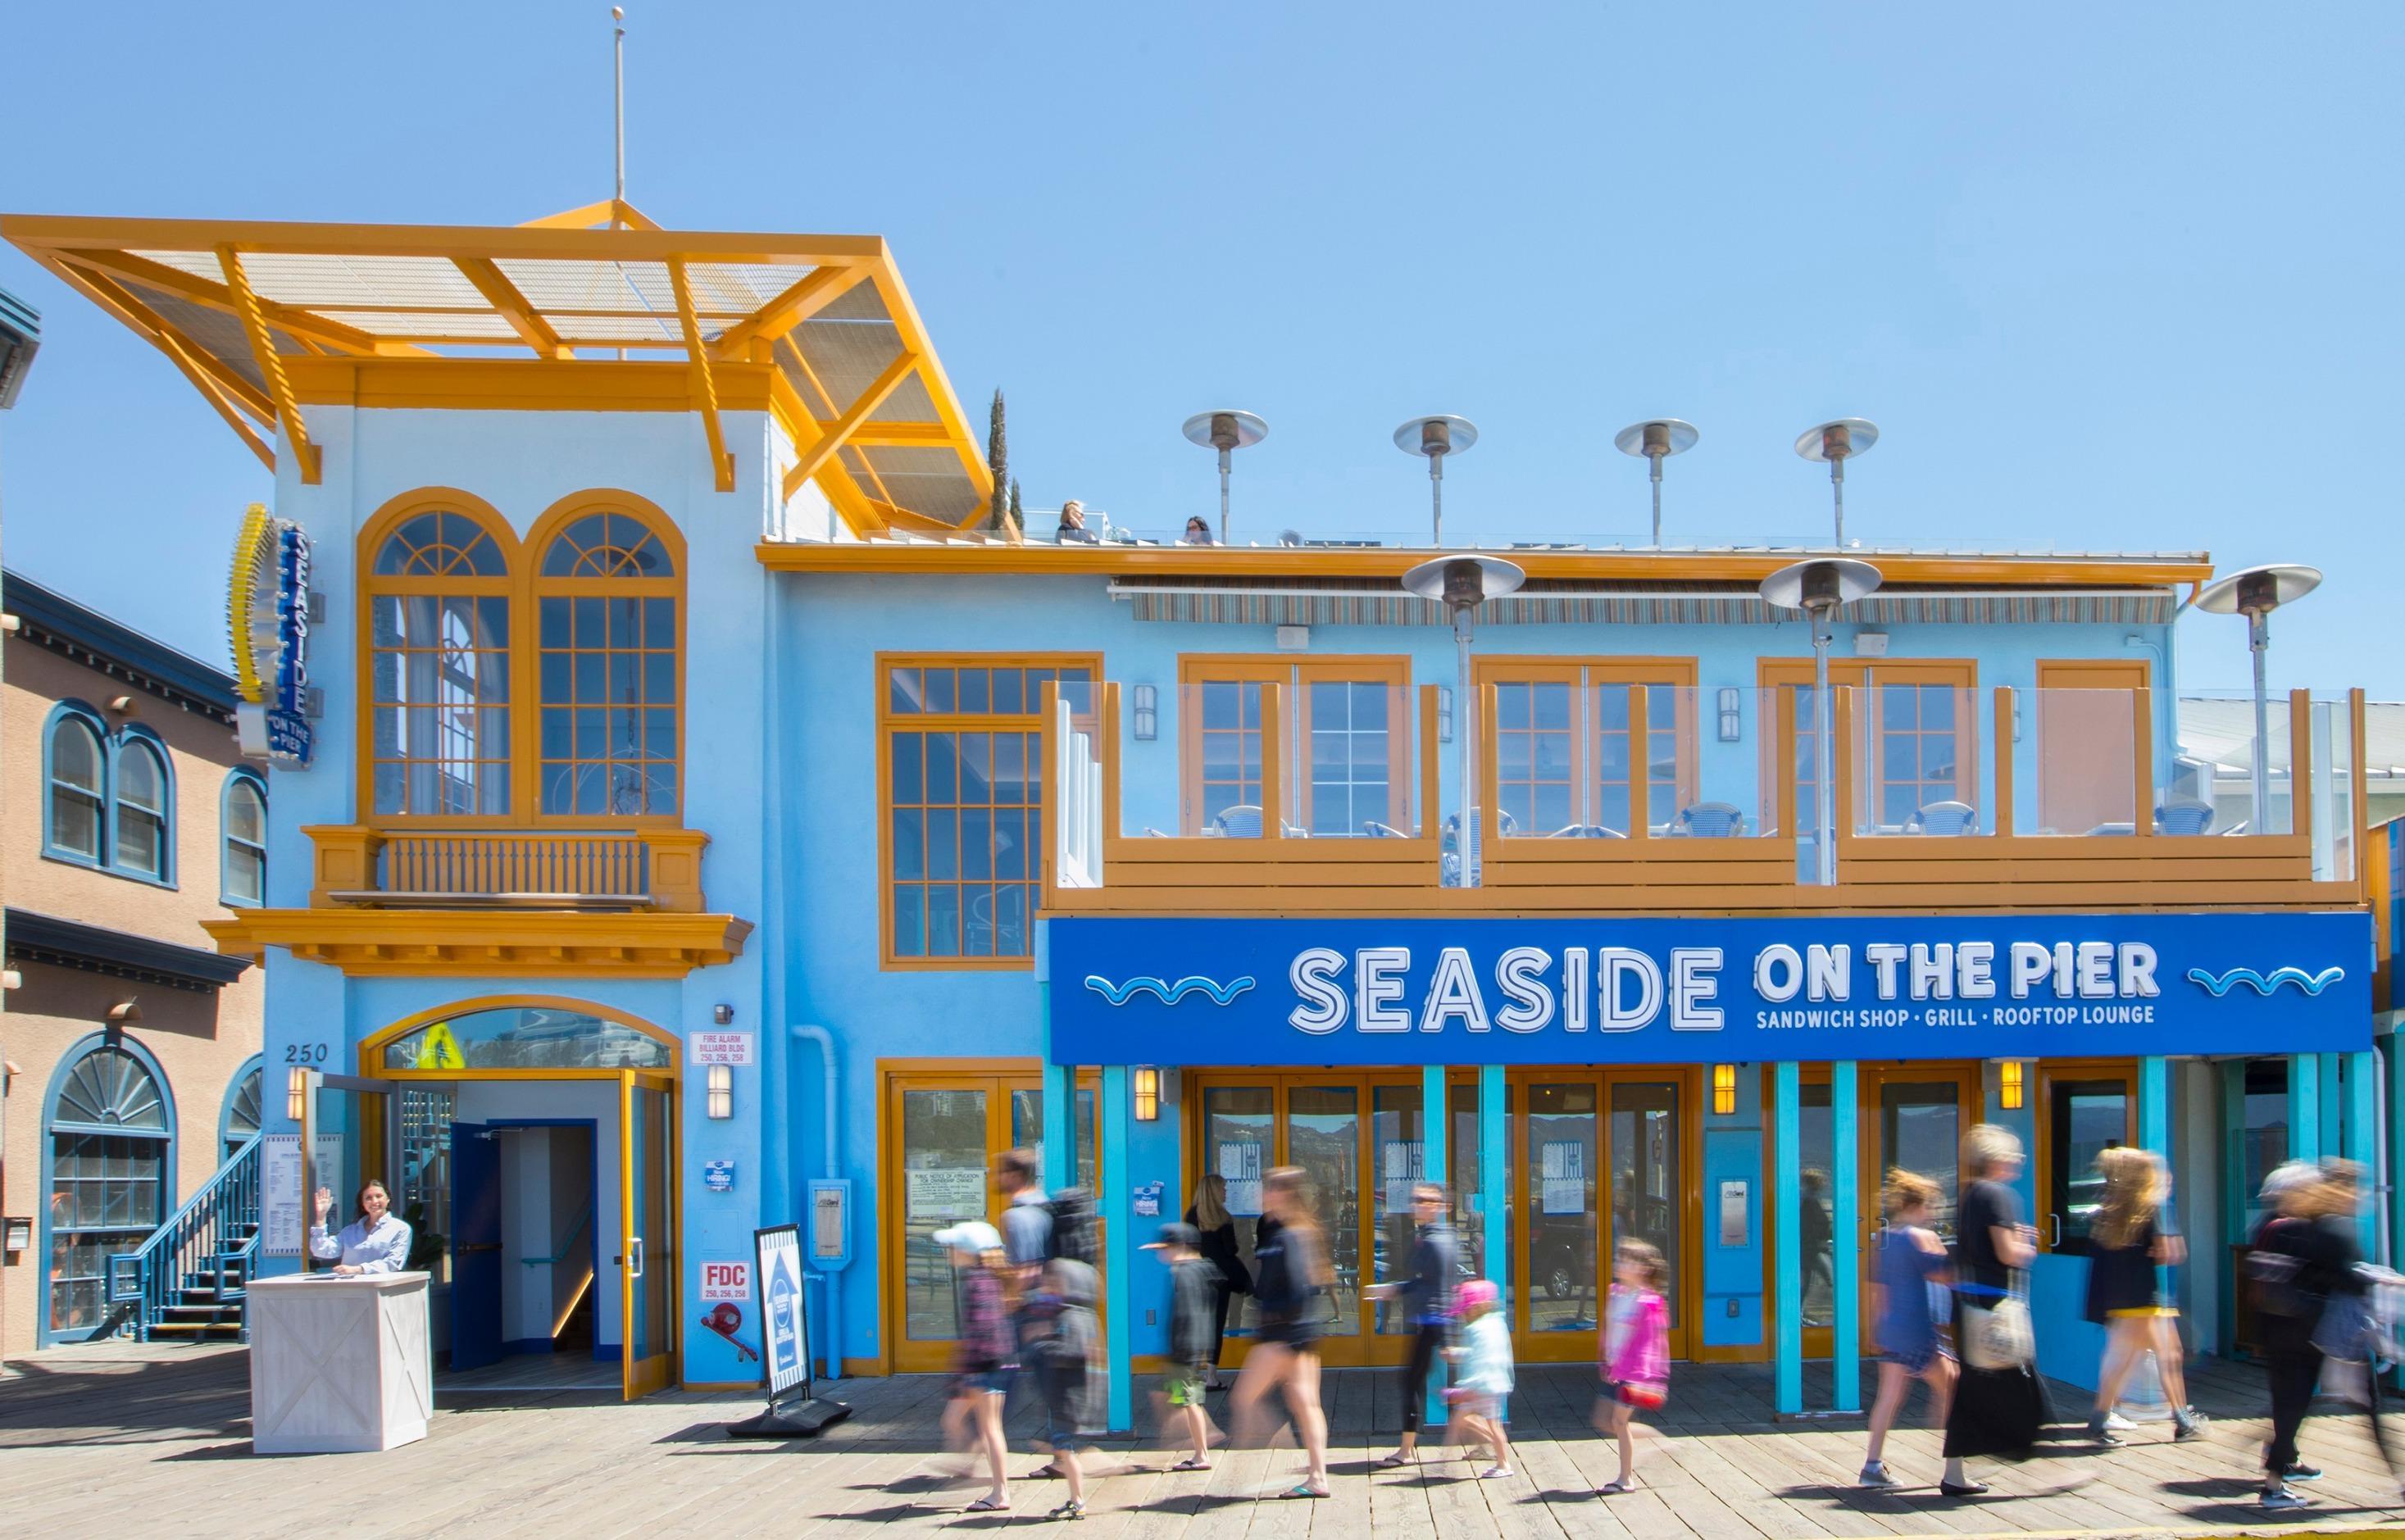 Seaside Sandwich Co.